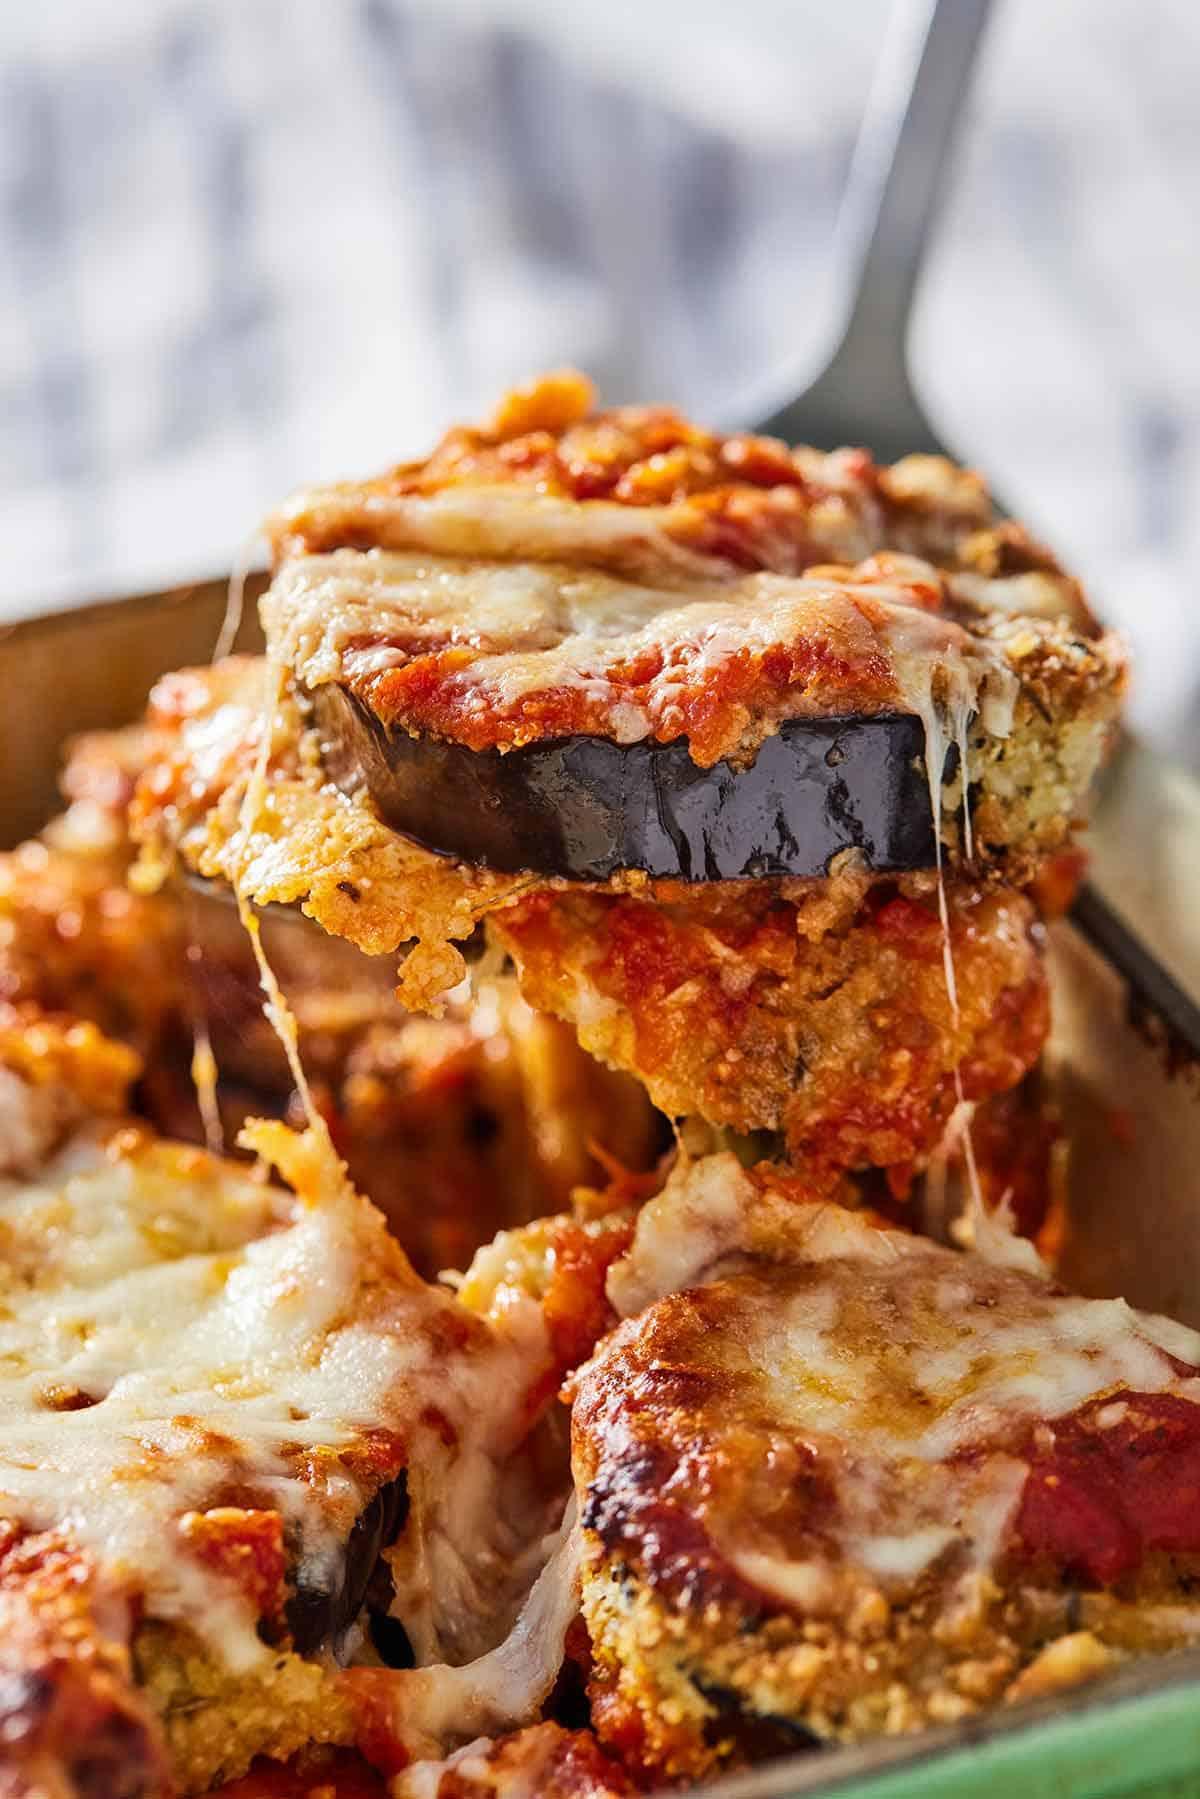 Close up of a spatula lifting up a serving of eggplant parmesan.